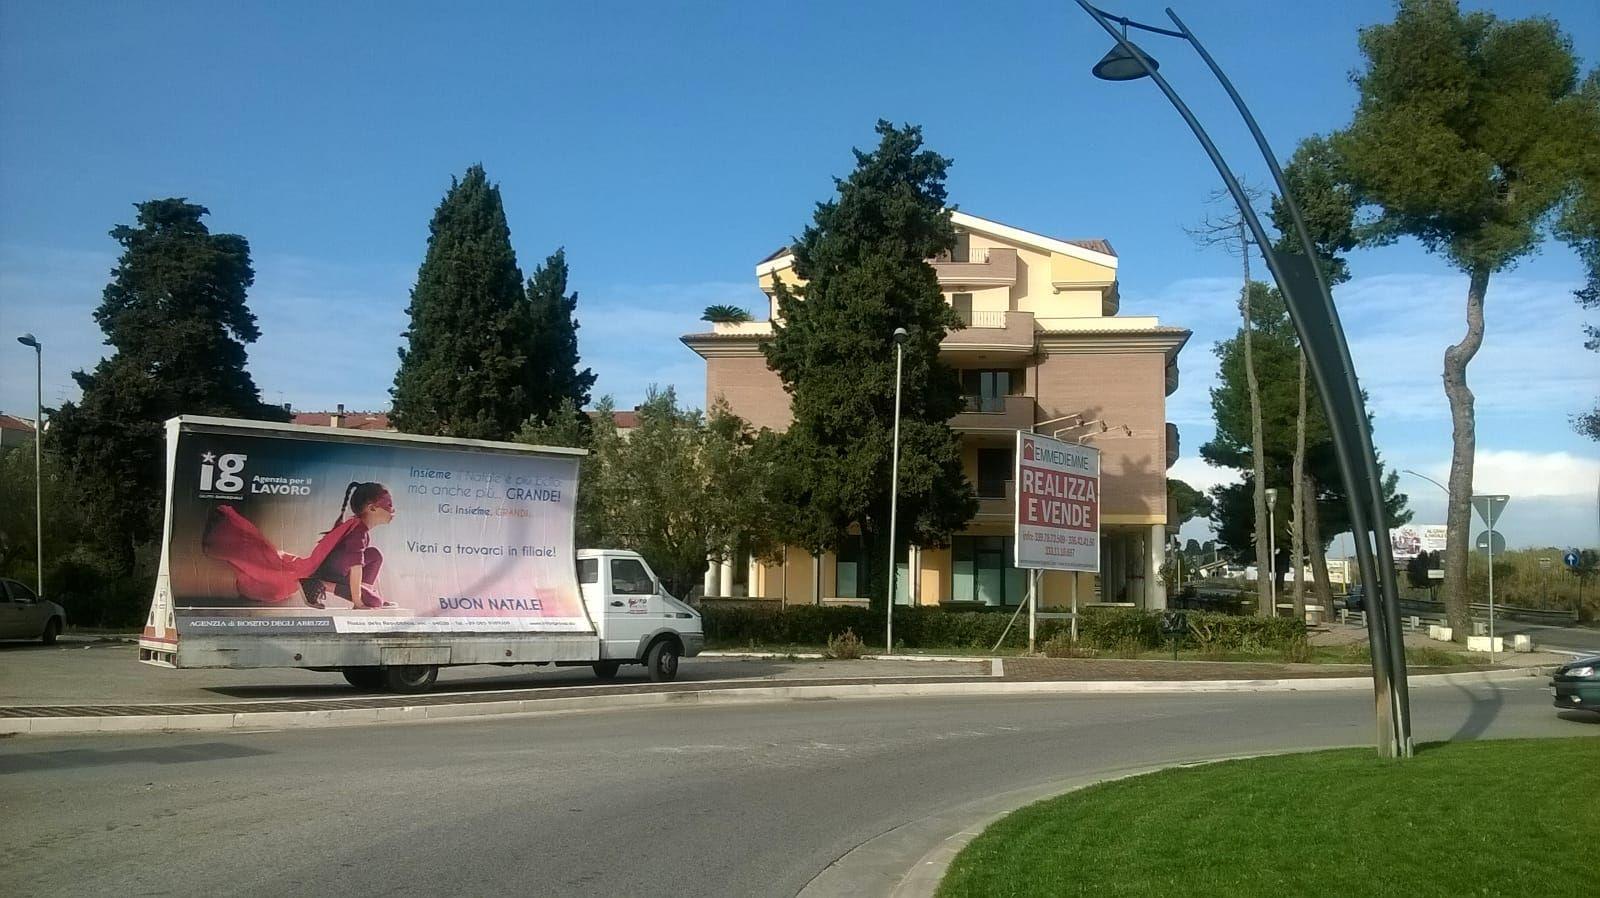 Vela pubblicitaria a L'Aquila